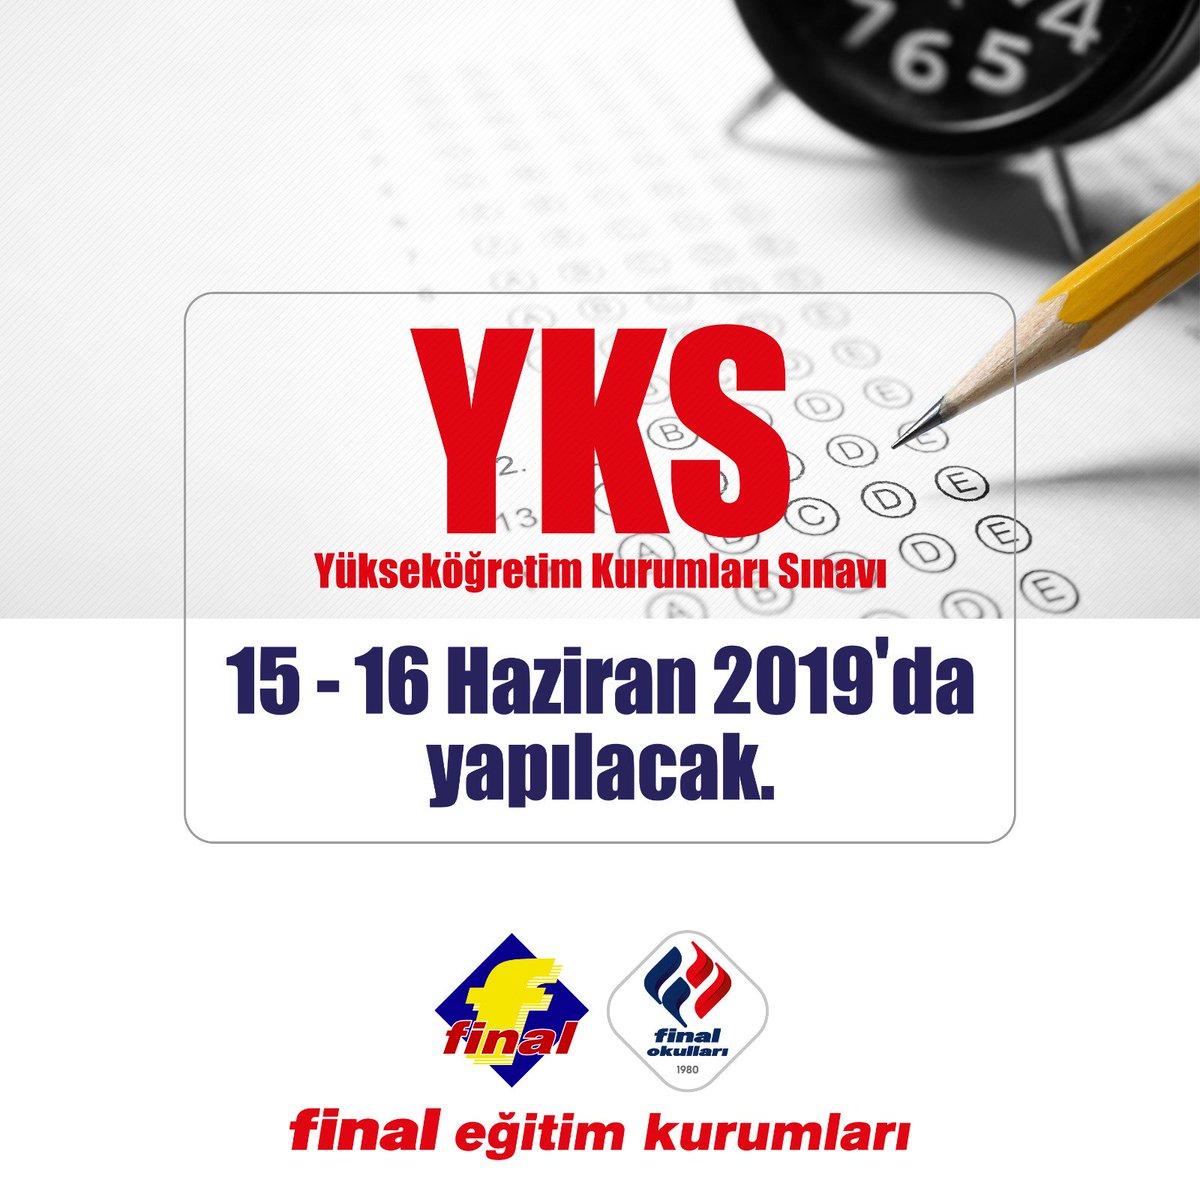 Bu yılki Yükseköğretim Kurumları Sınavı 15-16 Haziran'da yapılacak.Unutma henüz geç kalmış değilsin. #Finalbeşyol https://t.co/2ZKxY2qyZh